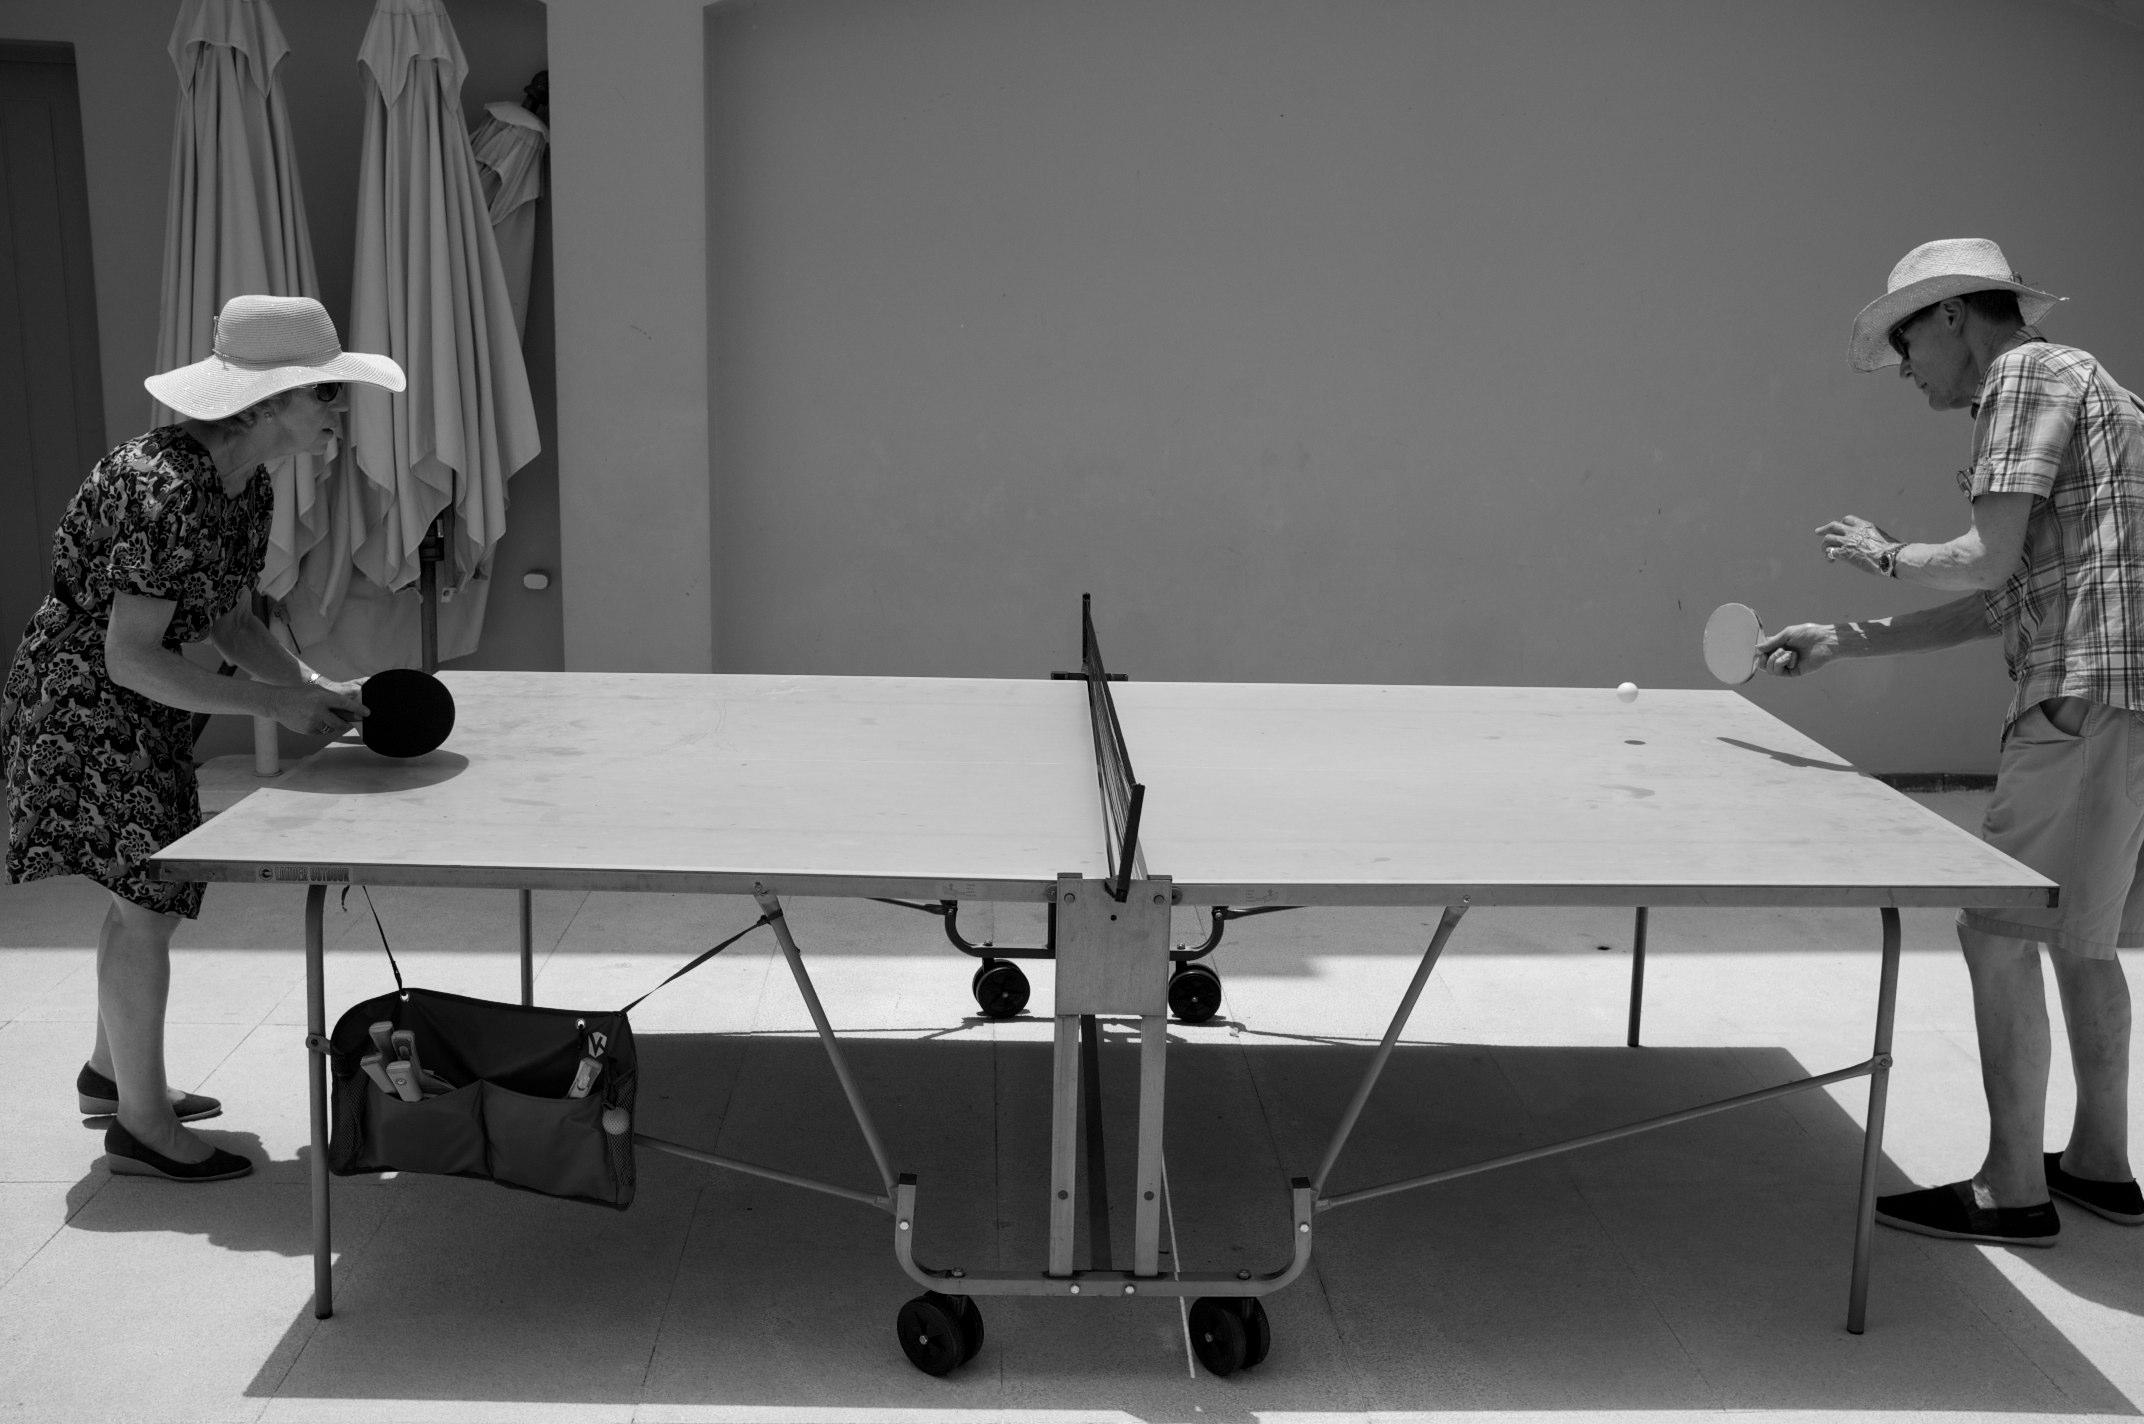 نمونه میز پینگپنگ